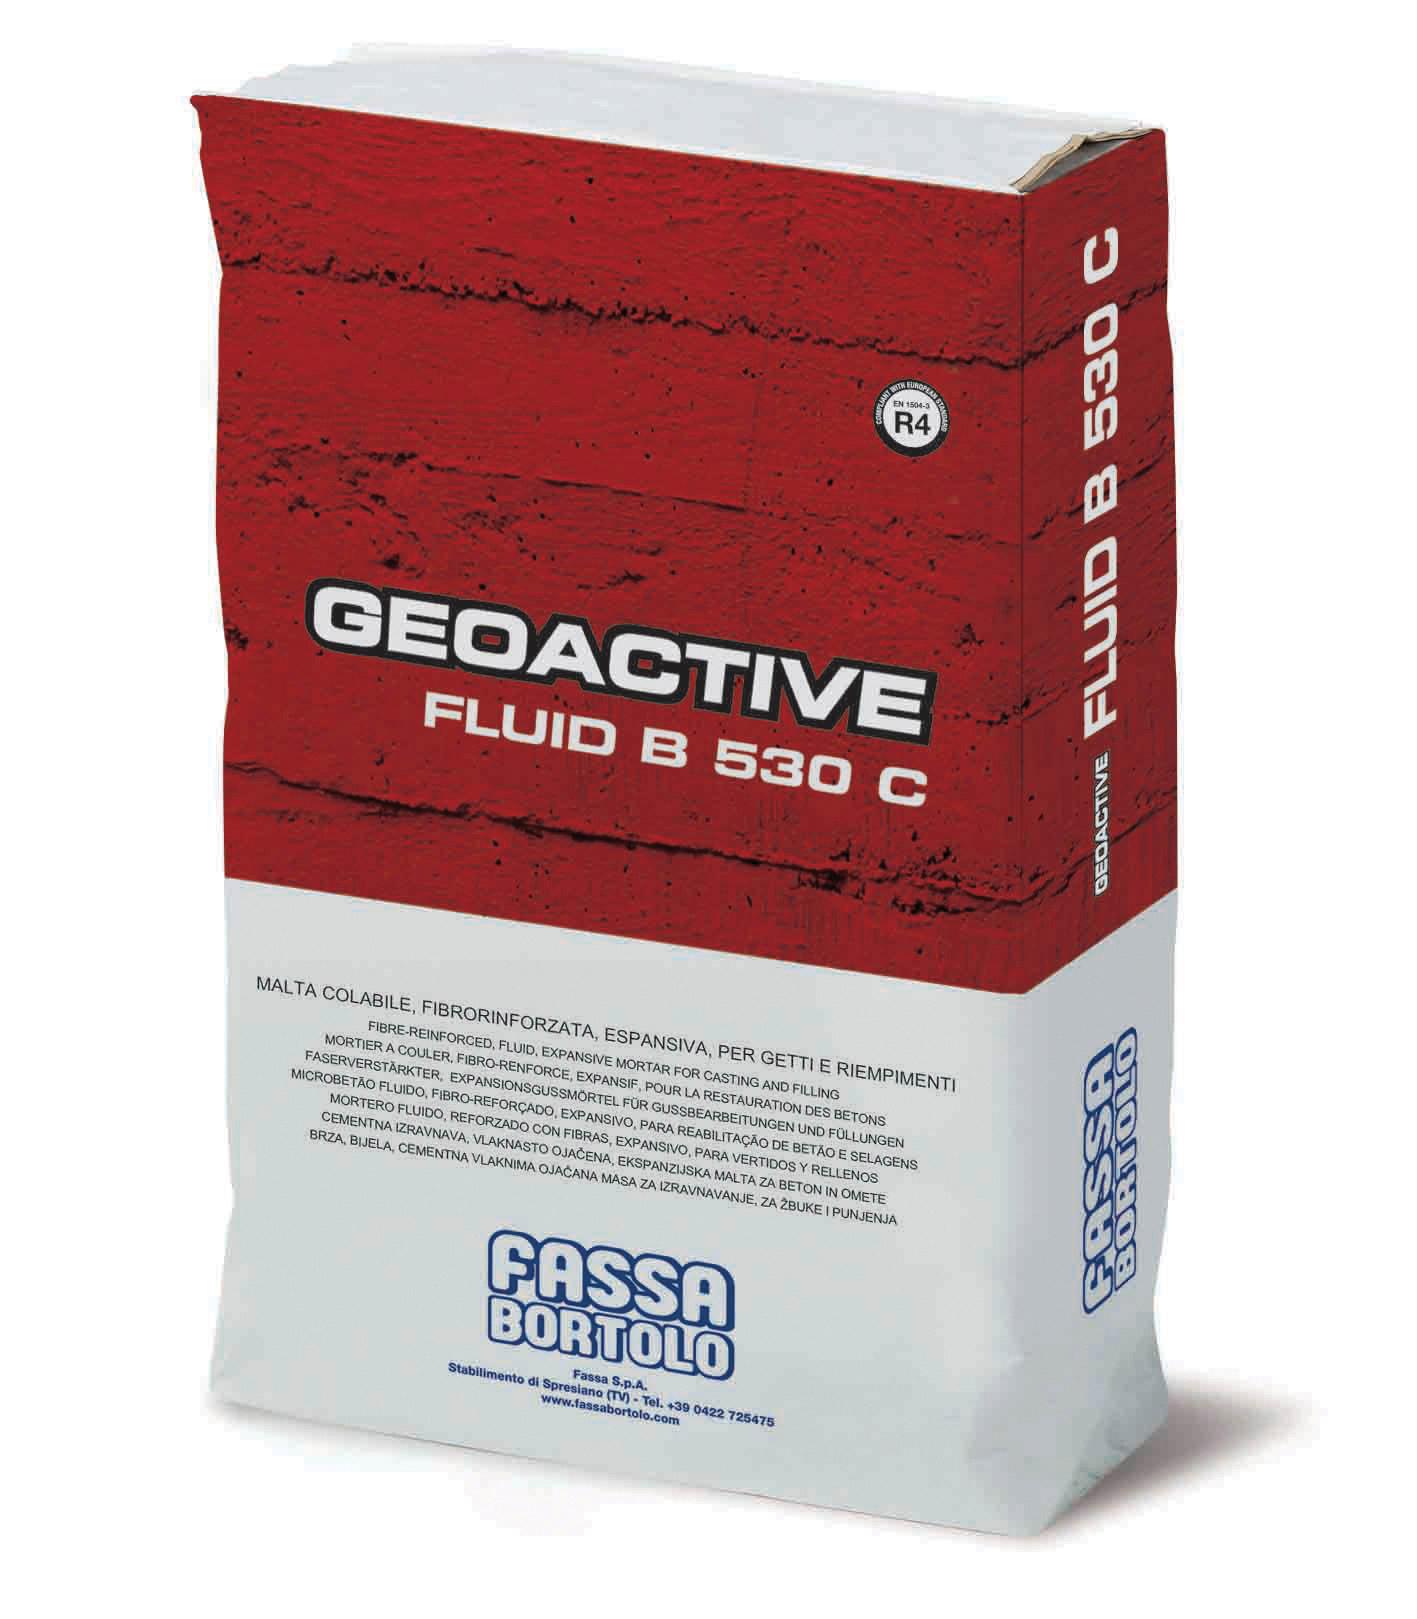 GEOACTIVE FLUID B 530 C: Malta cementizia a reologia controllabile da fluida a superfluida, espansiva, ad elevate prestazioni meccaniche, per il ripristino e il rinforzo di strutture in calcestruzzo armato e per ancoraggi di precisione di macchinari e strutture metalliche